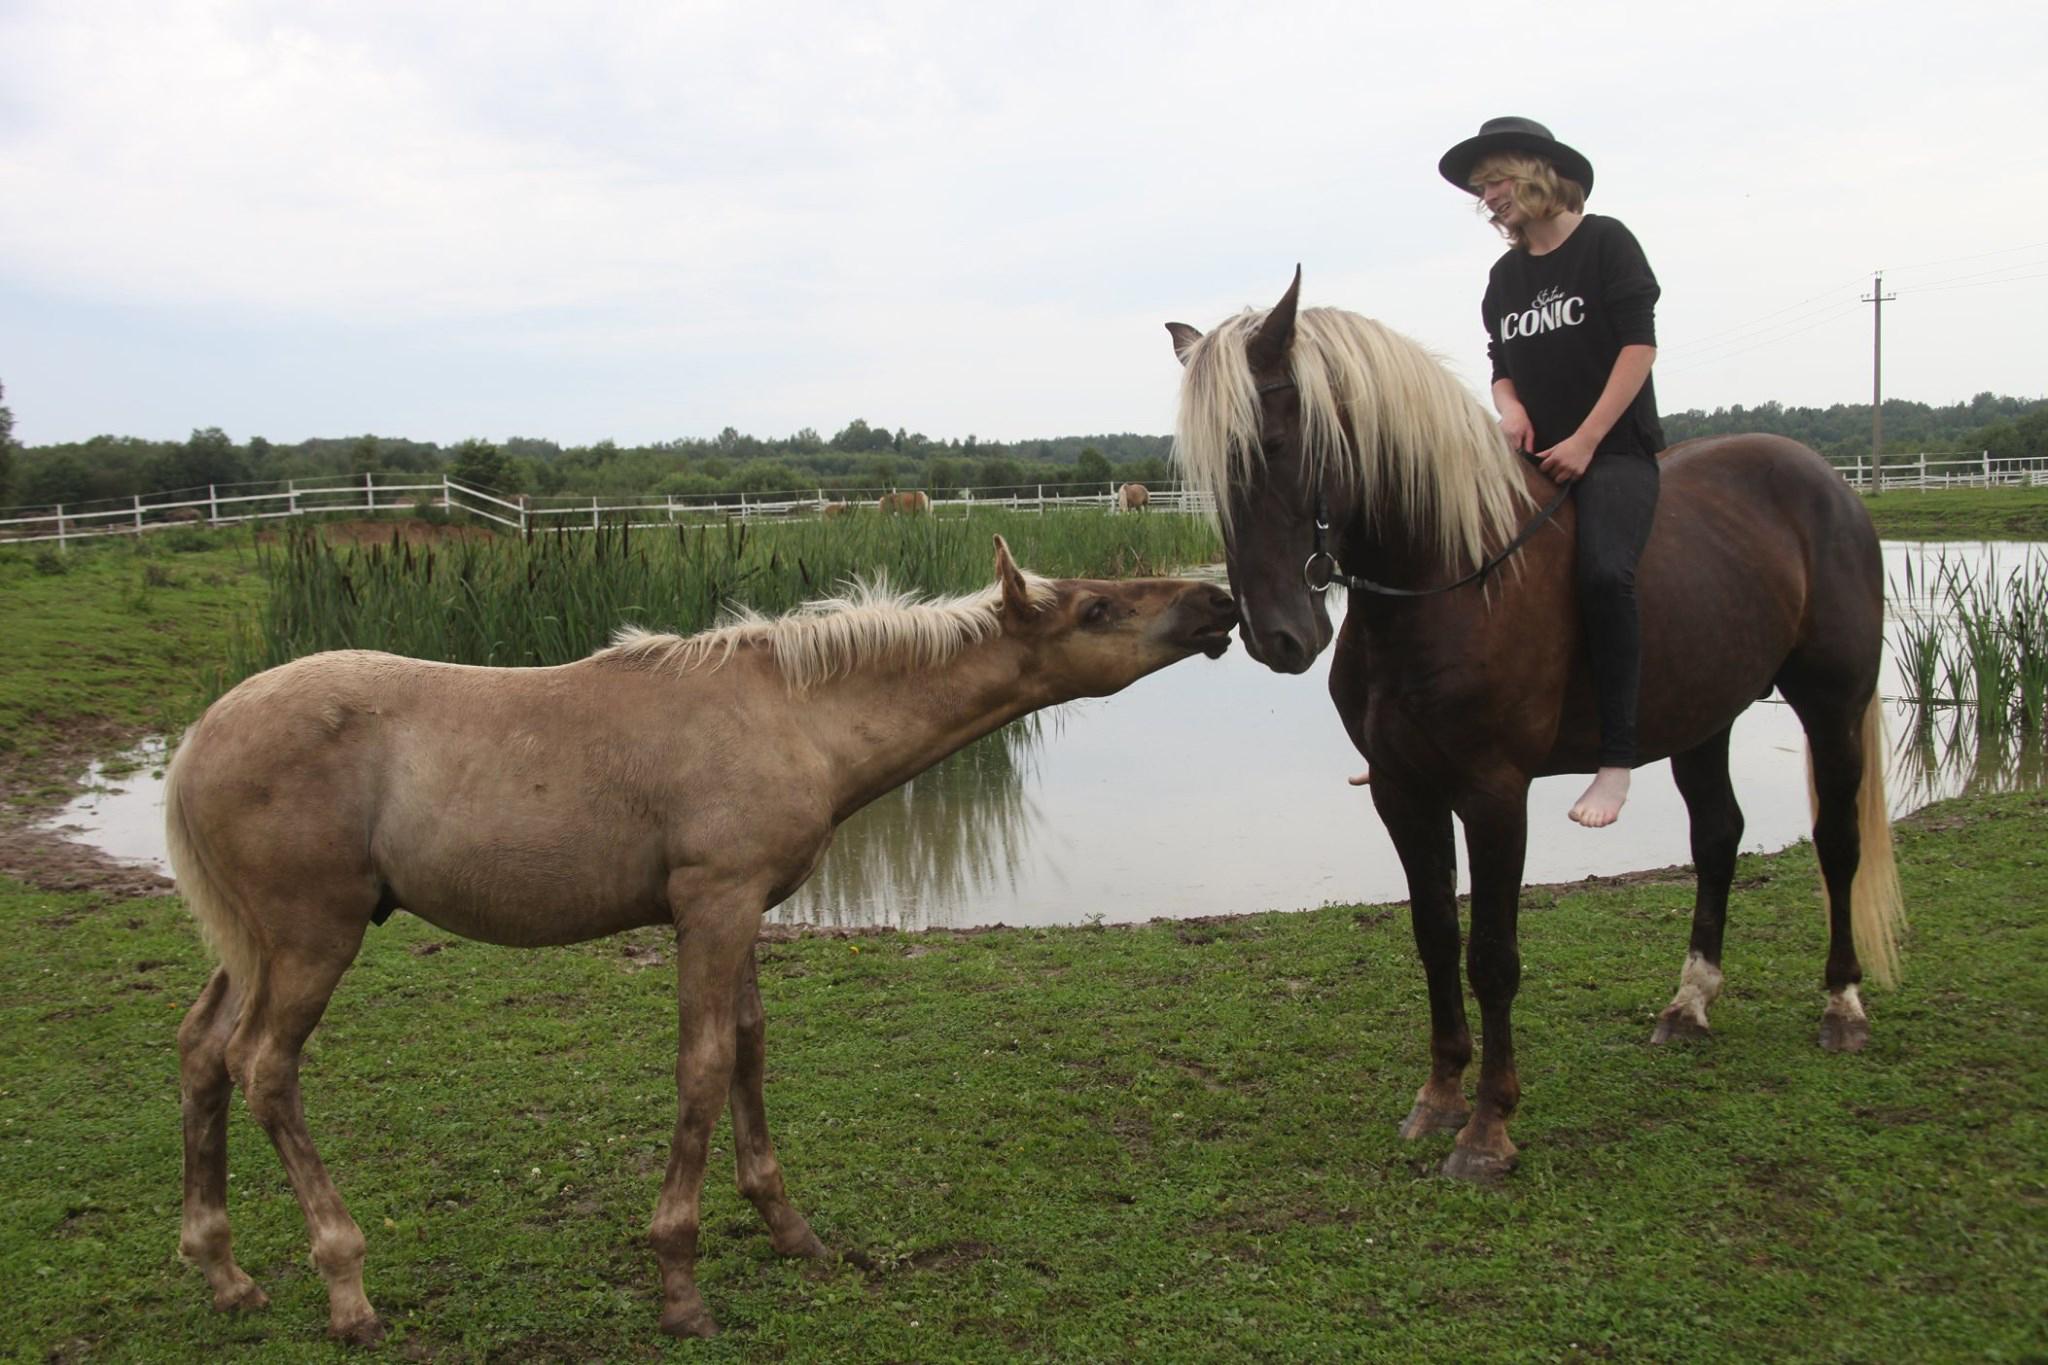 В Ярославской области ищут сено для спасения уникального проекта